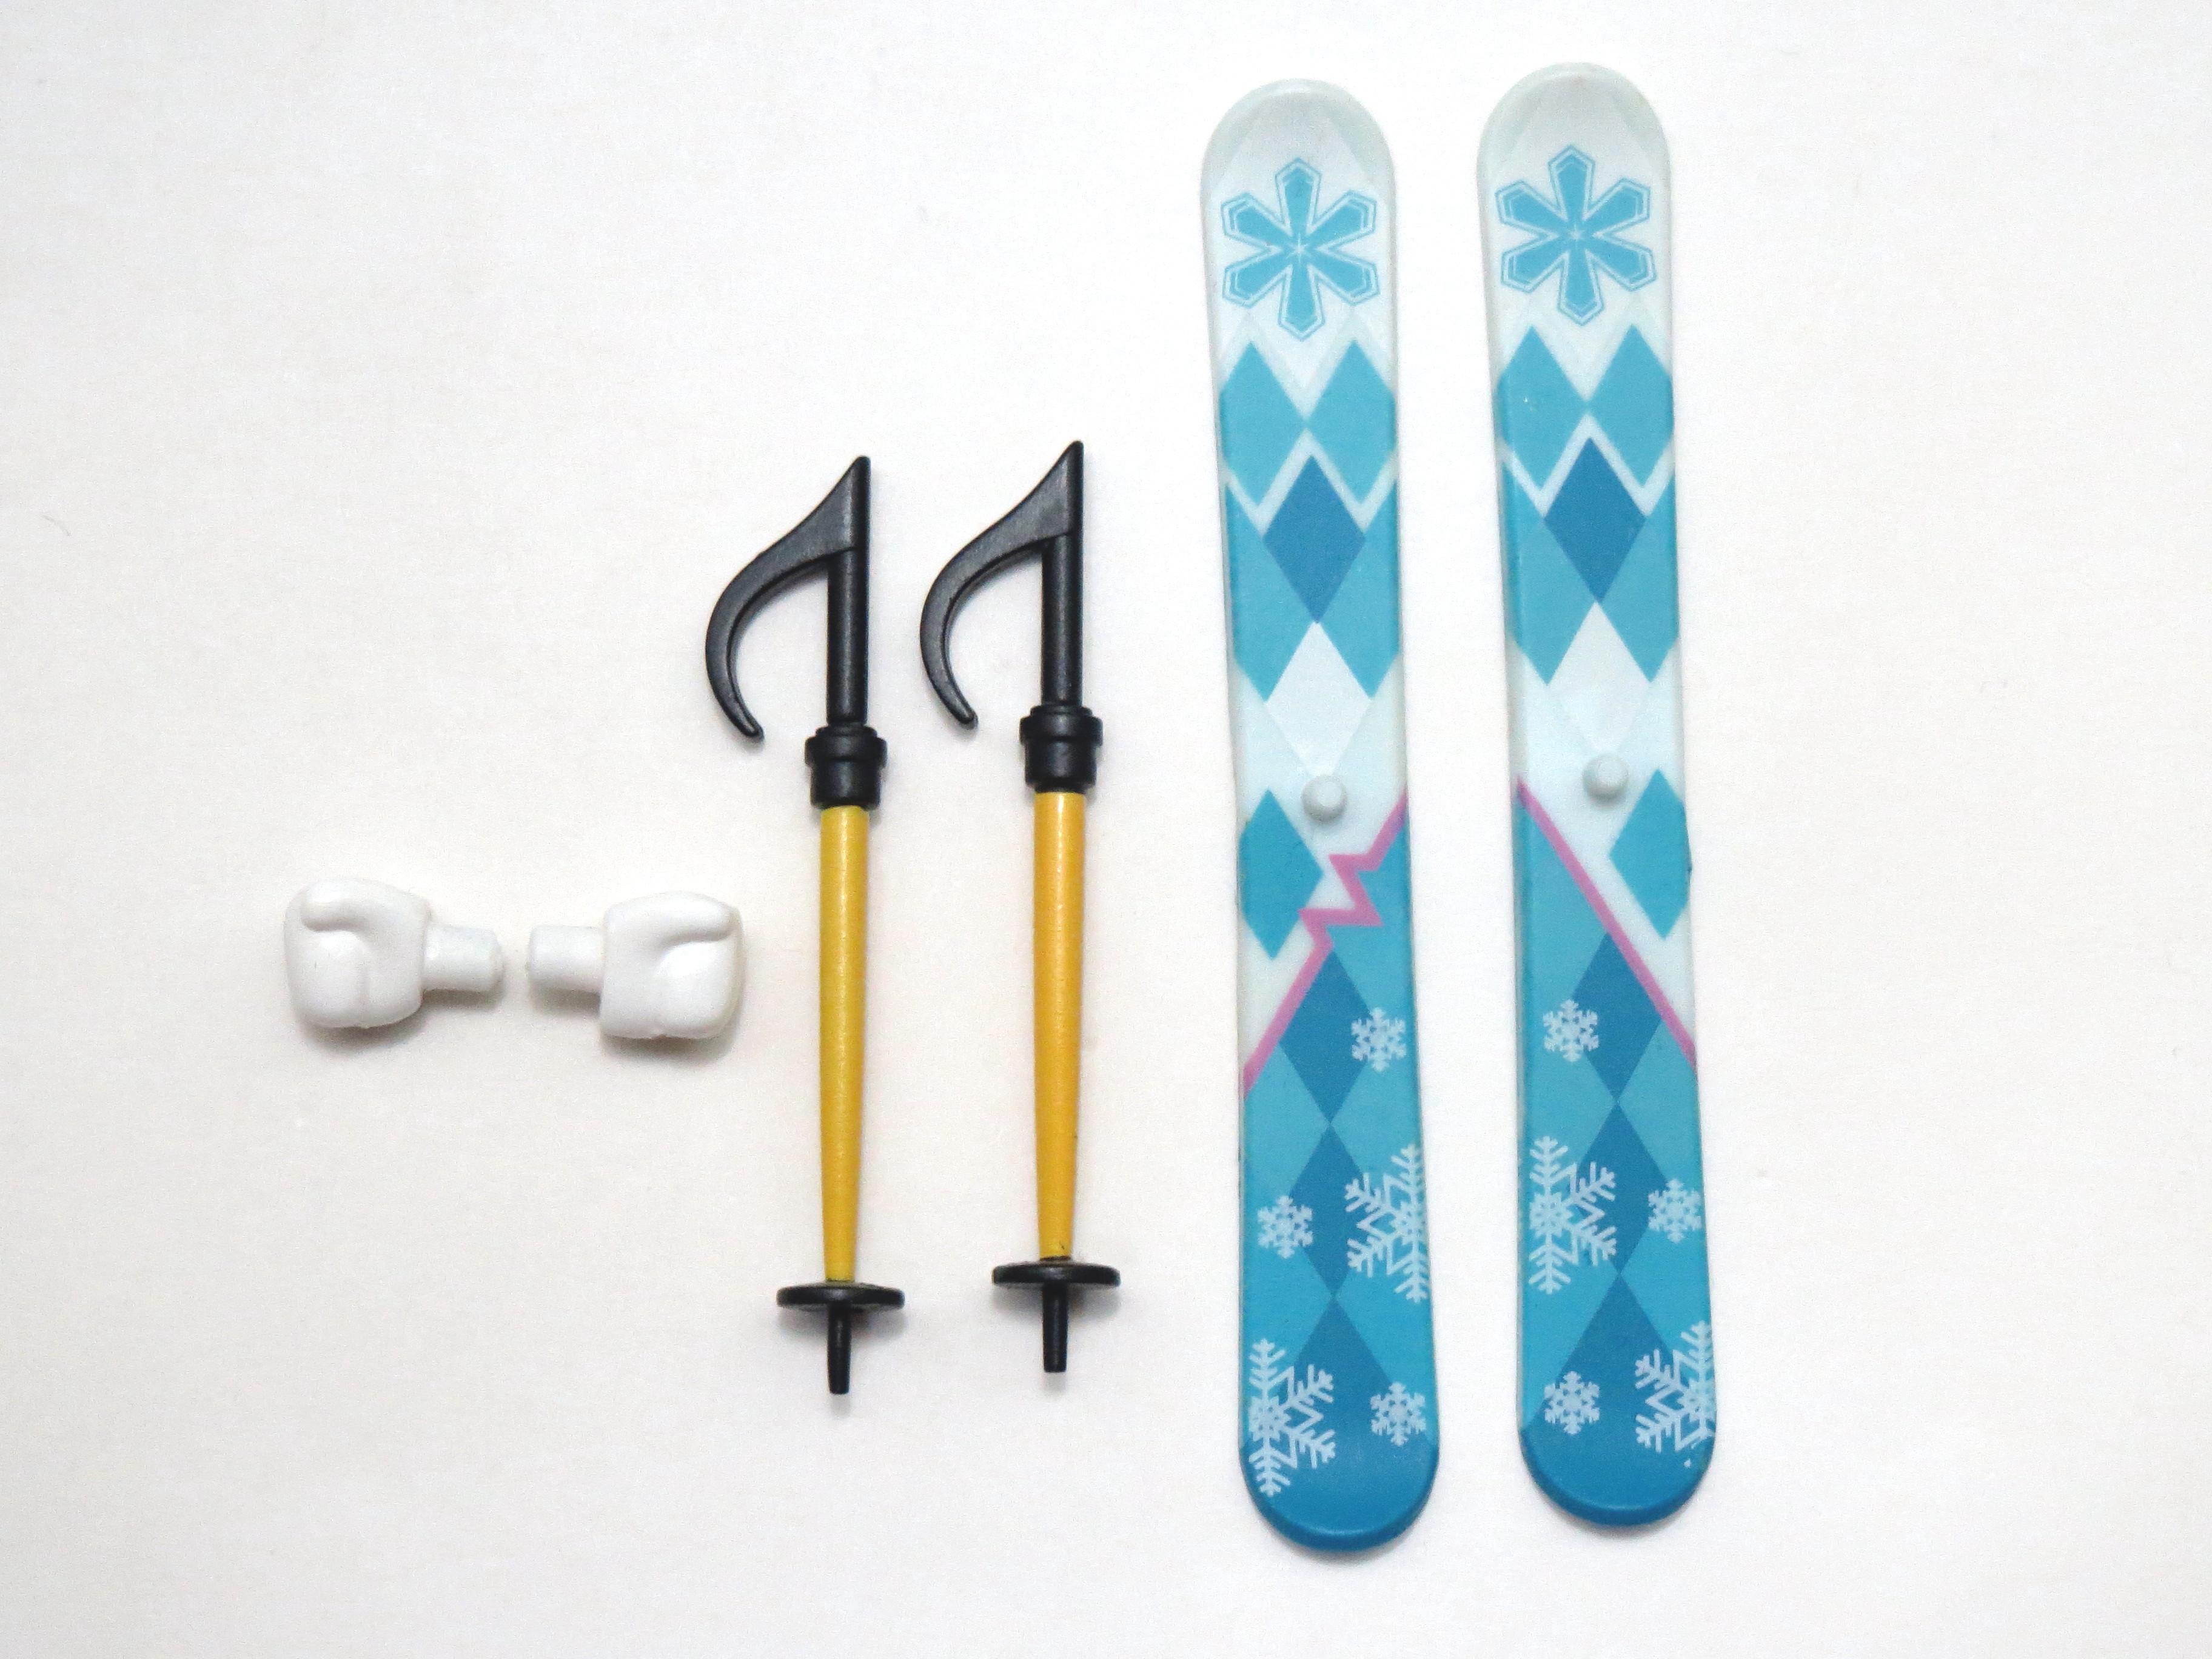 再入荷【570】 雪ミク Snow Owl Ver. 小物パーツ スキー板とストック ねんどろいど